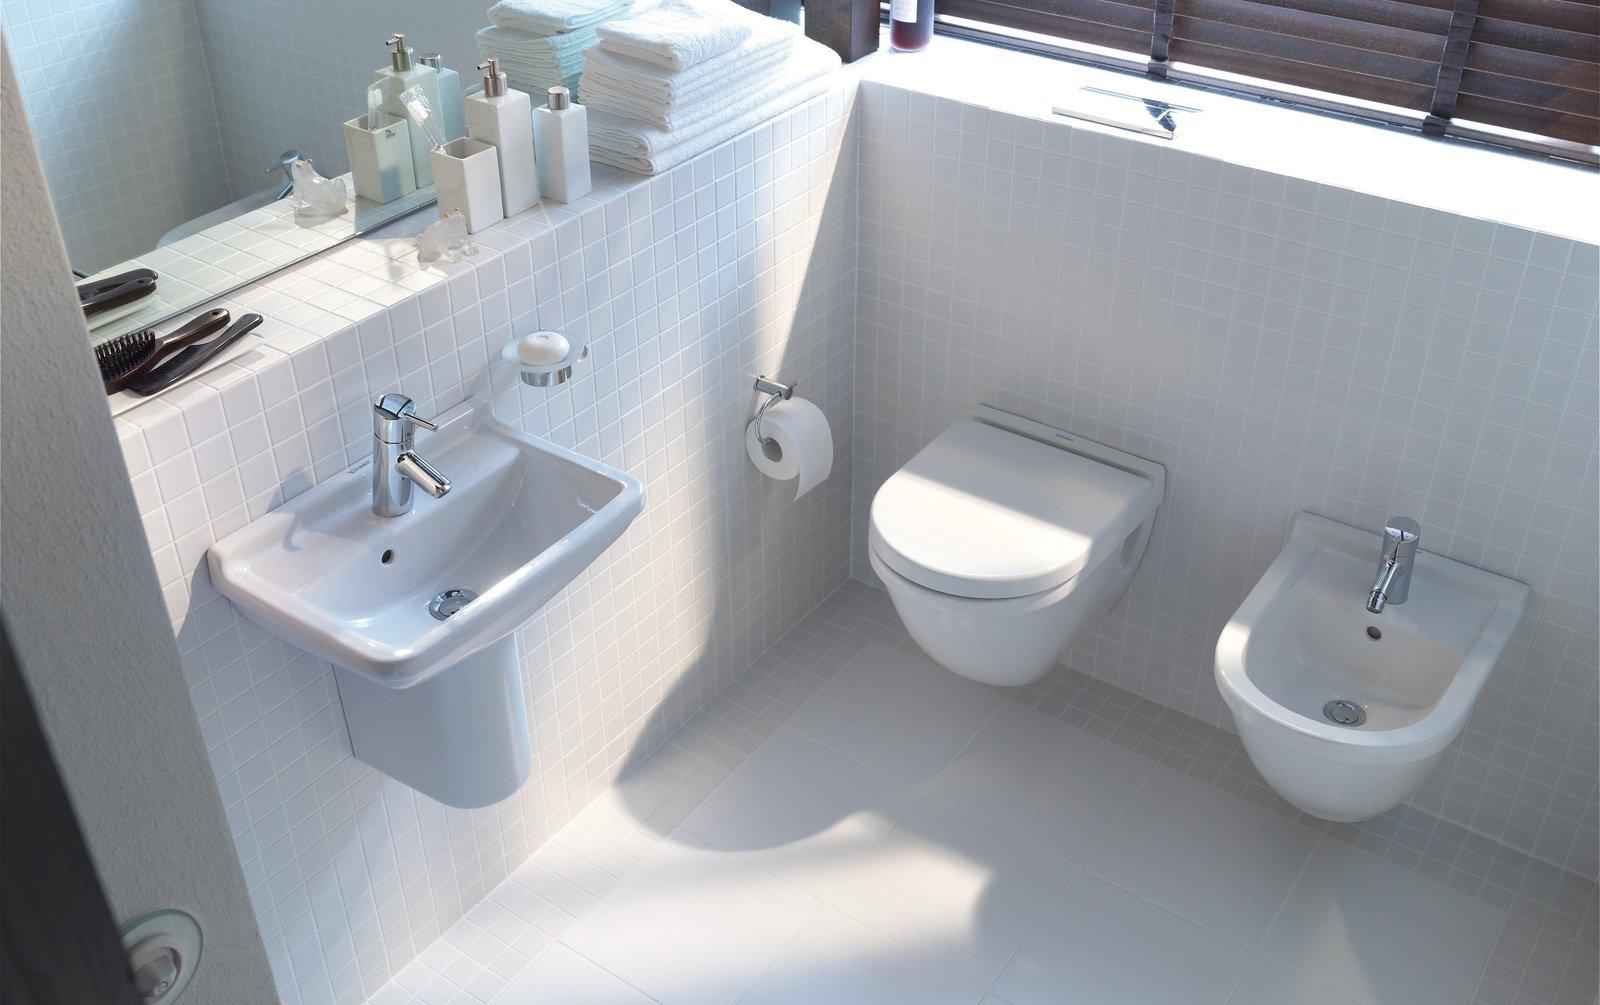 Design cambiare piastrelle bagno : Ristrutturare il bagno: 10 informazioni utili - Cose di Casa